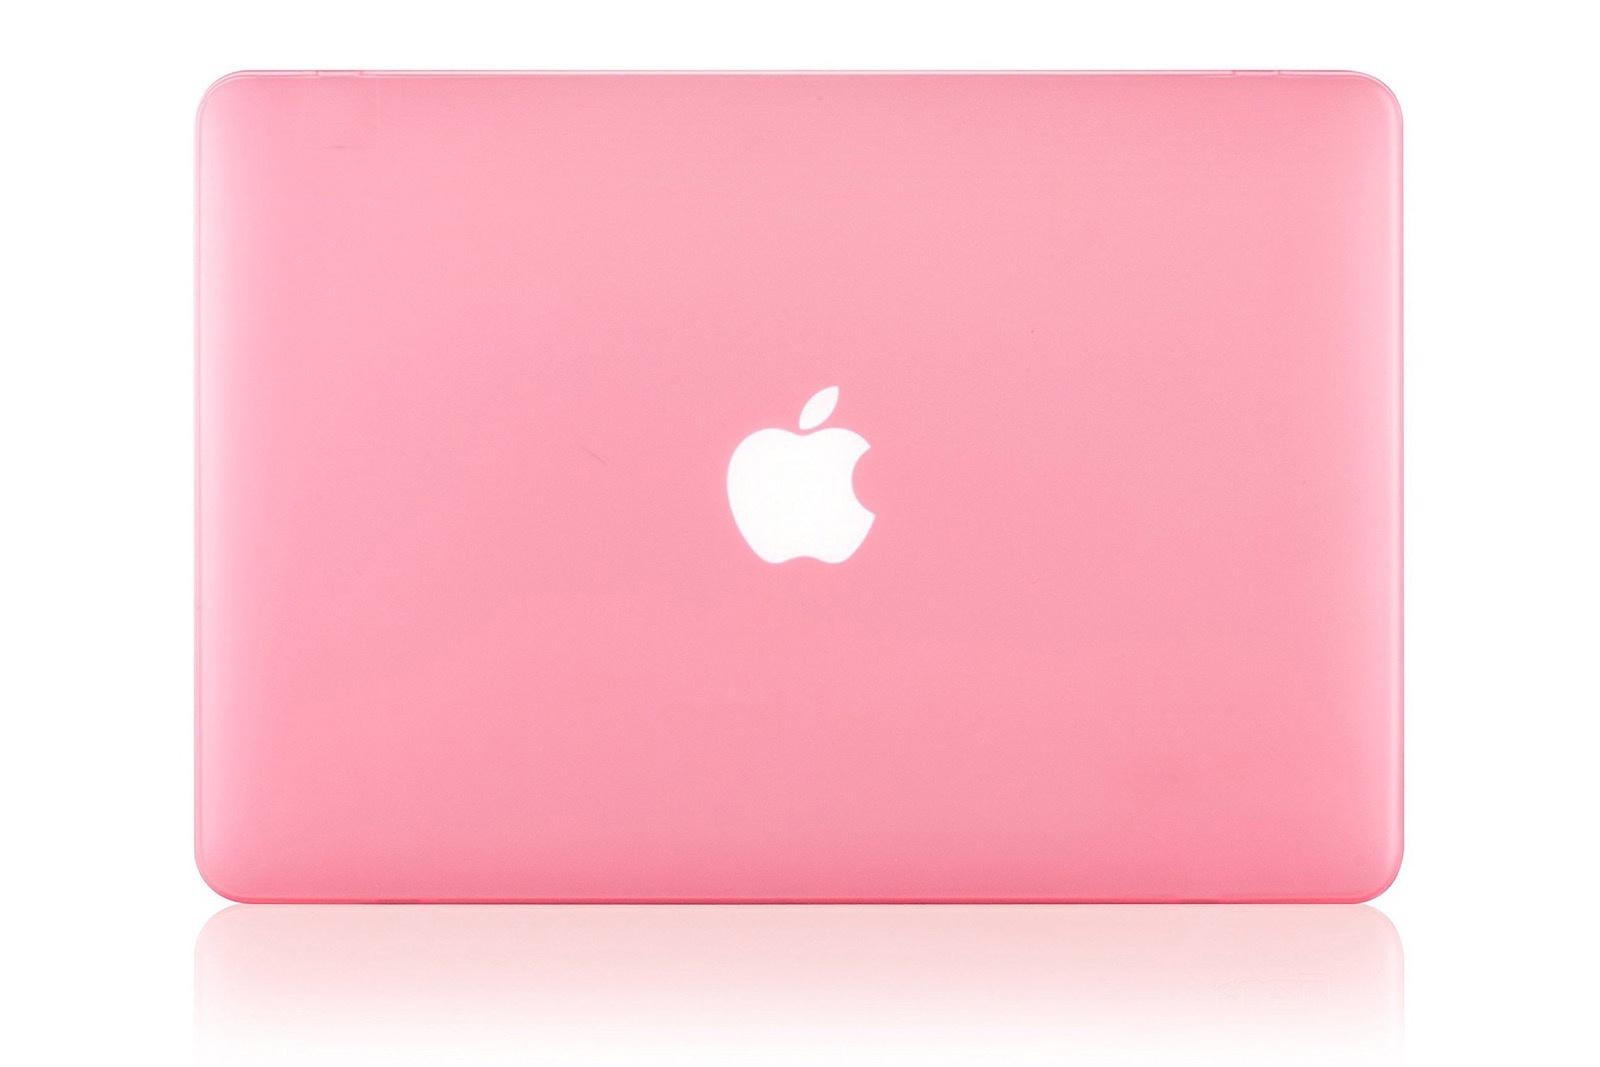 """Чехол для ноутбука Gurdini накладка пластик матовый 220083 для Apple MacBook Retina 15"""" 2012-2015, розовый"""